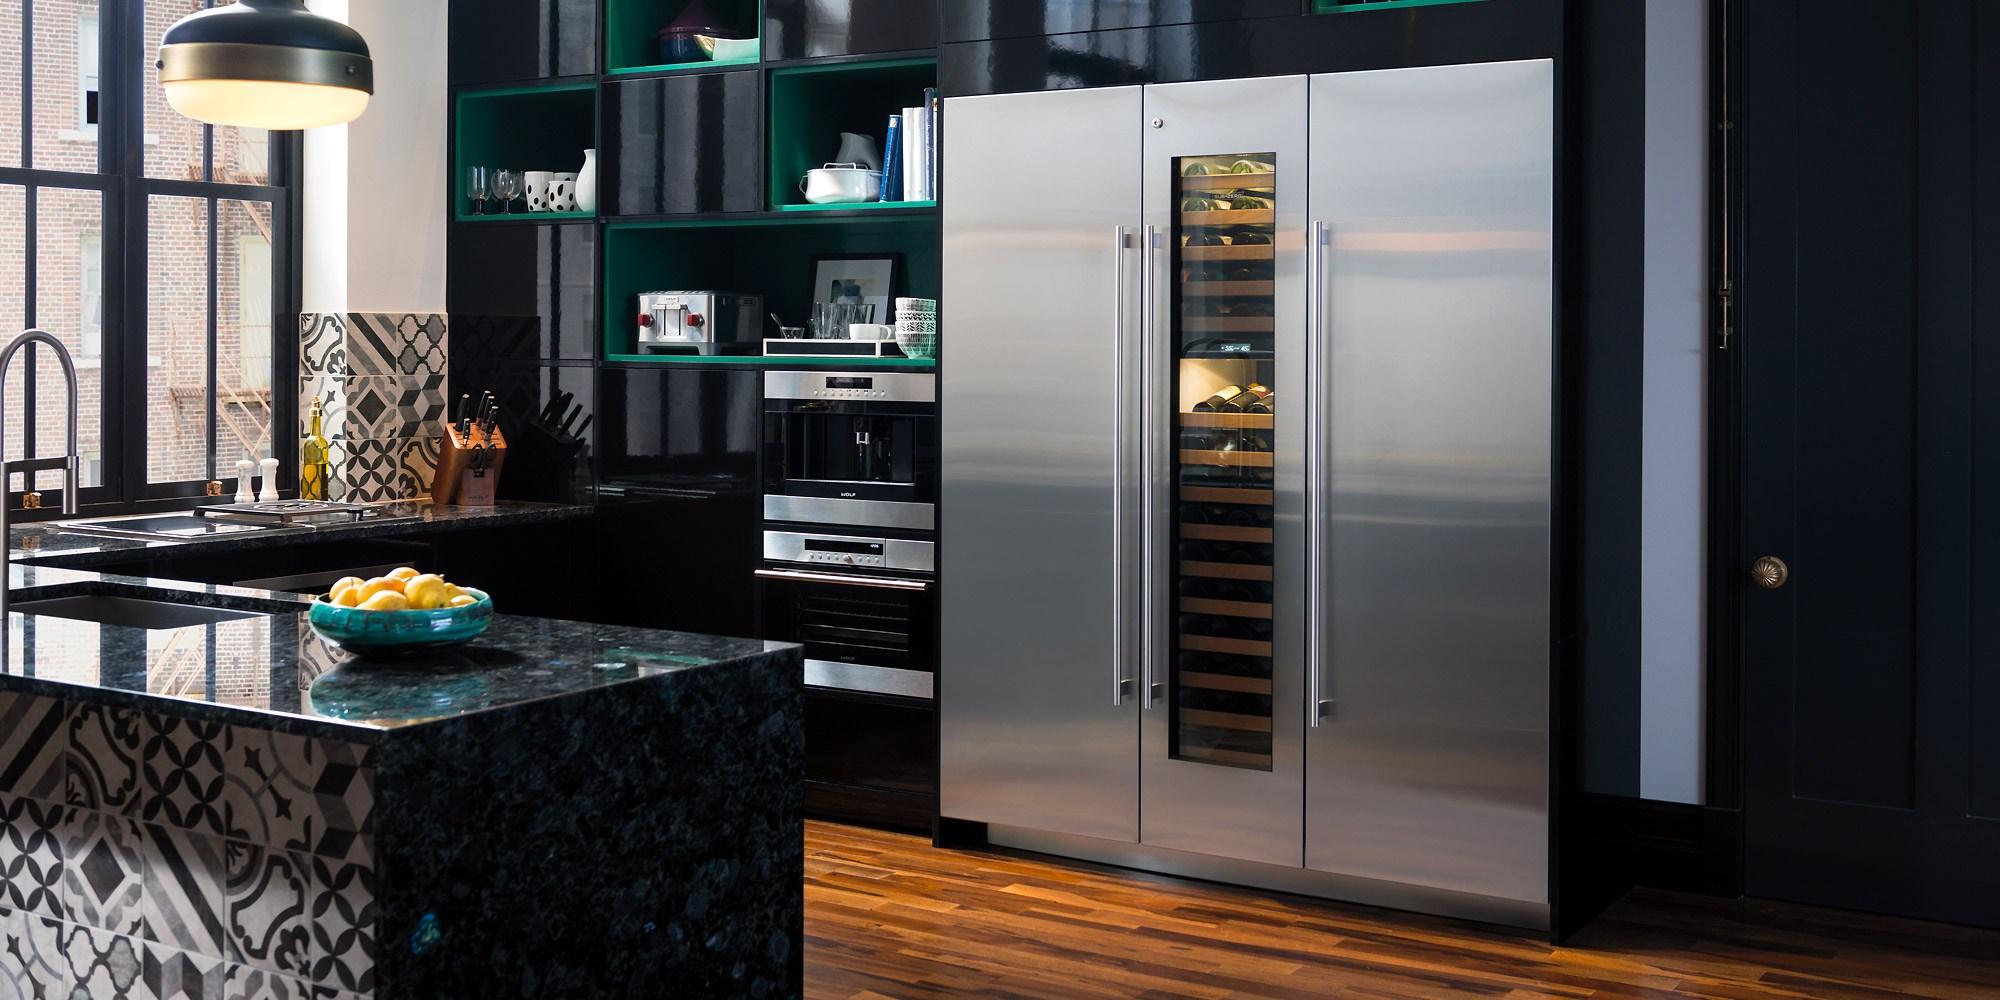 subzero-fridgefreezer-with-wine-cooler